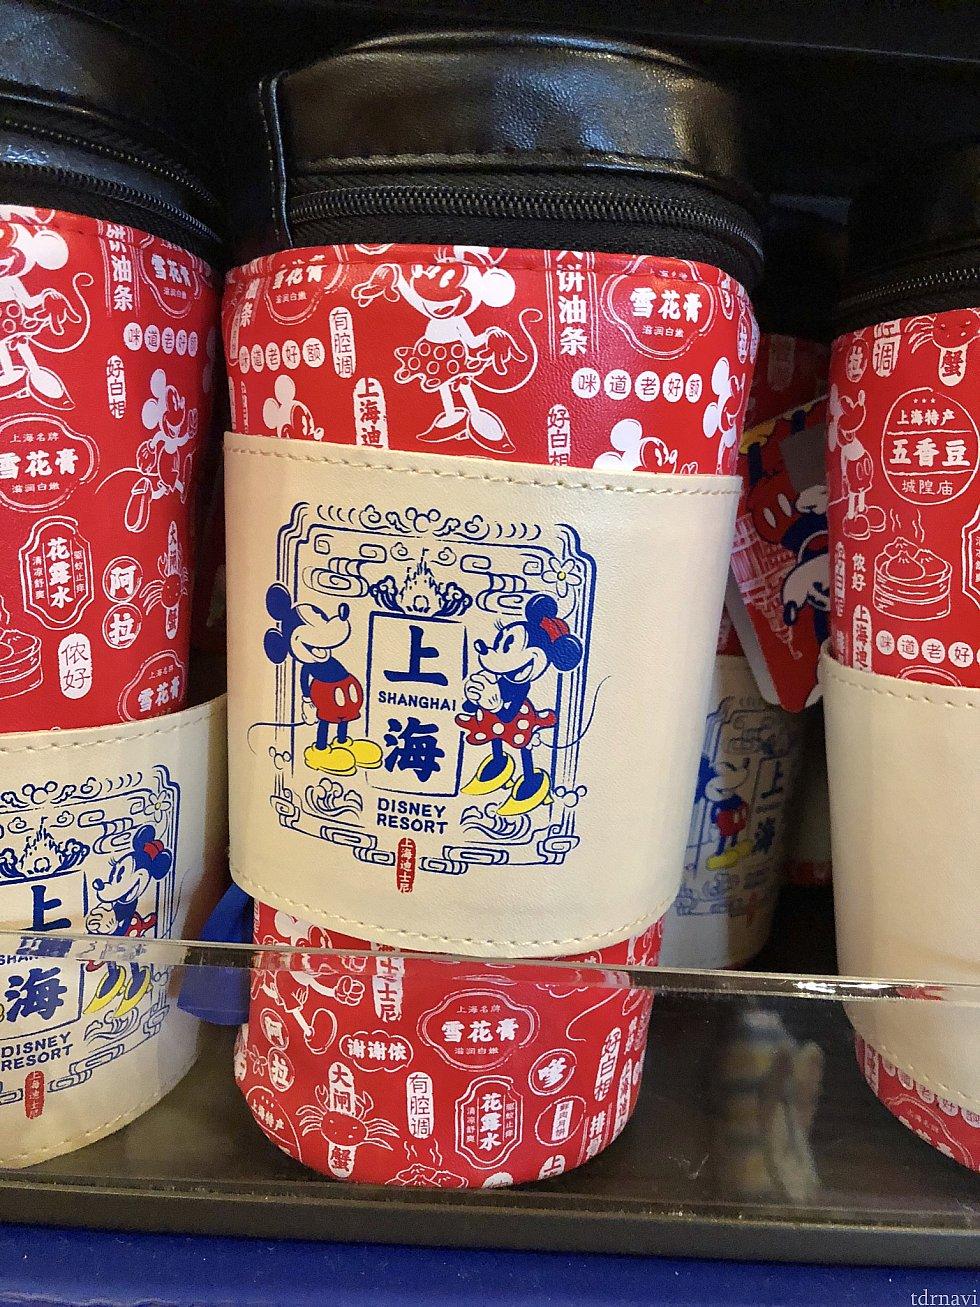 ペンケース 99元。白い帯はマジックテープで外せます。ホットドリンクのカップ風!?で可愛い♡